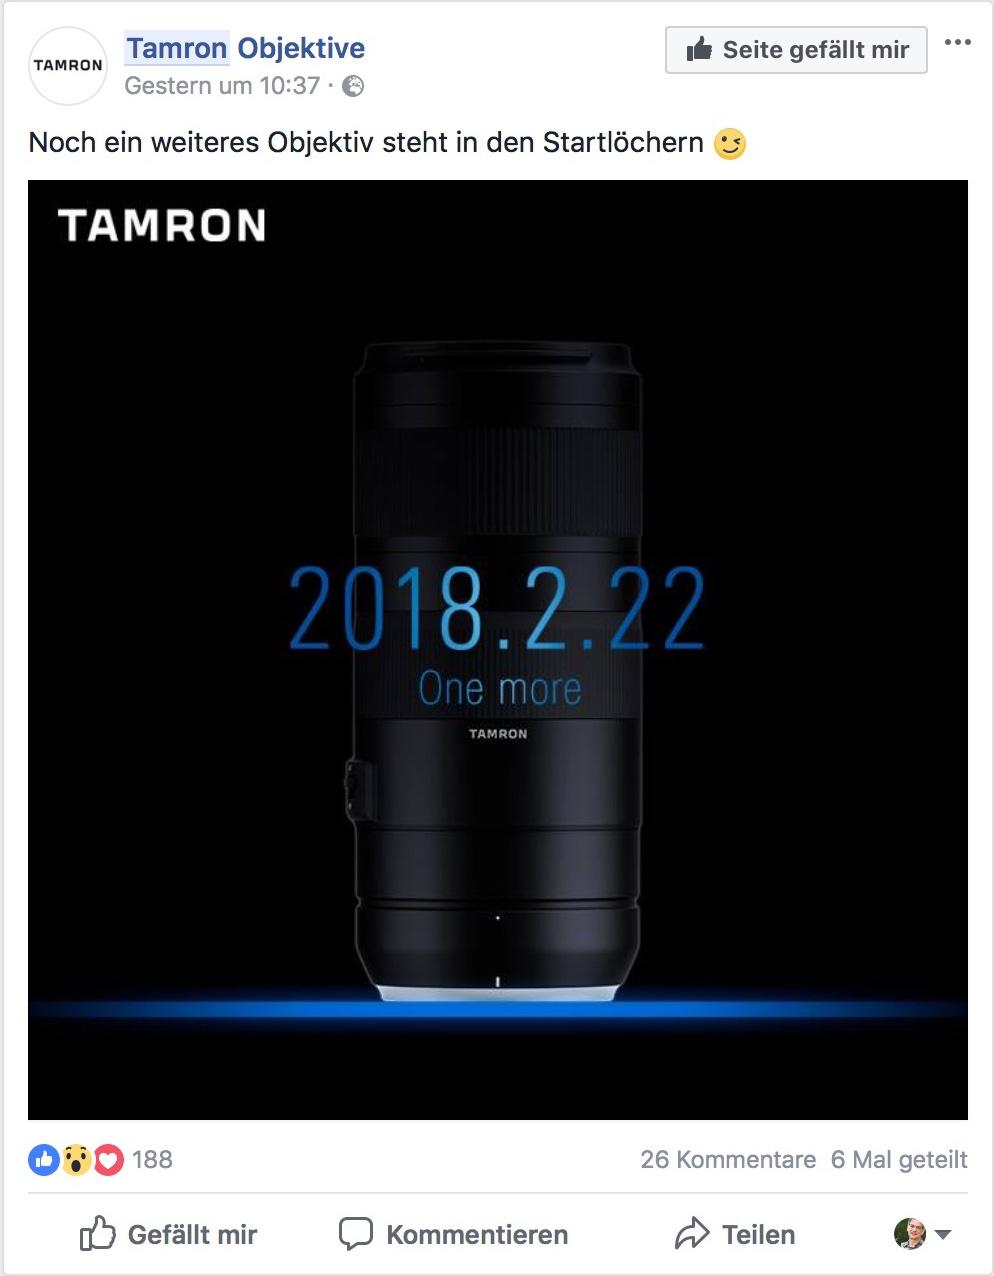 Tamron Facebook